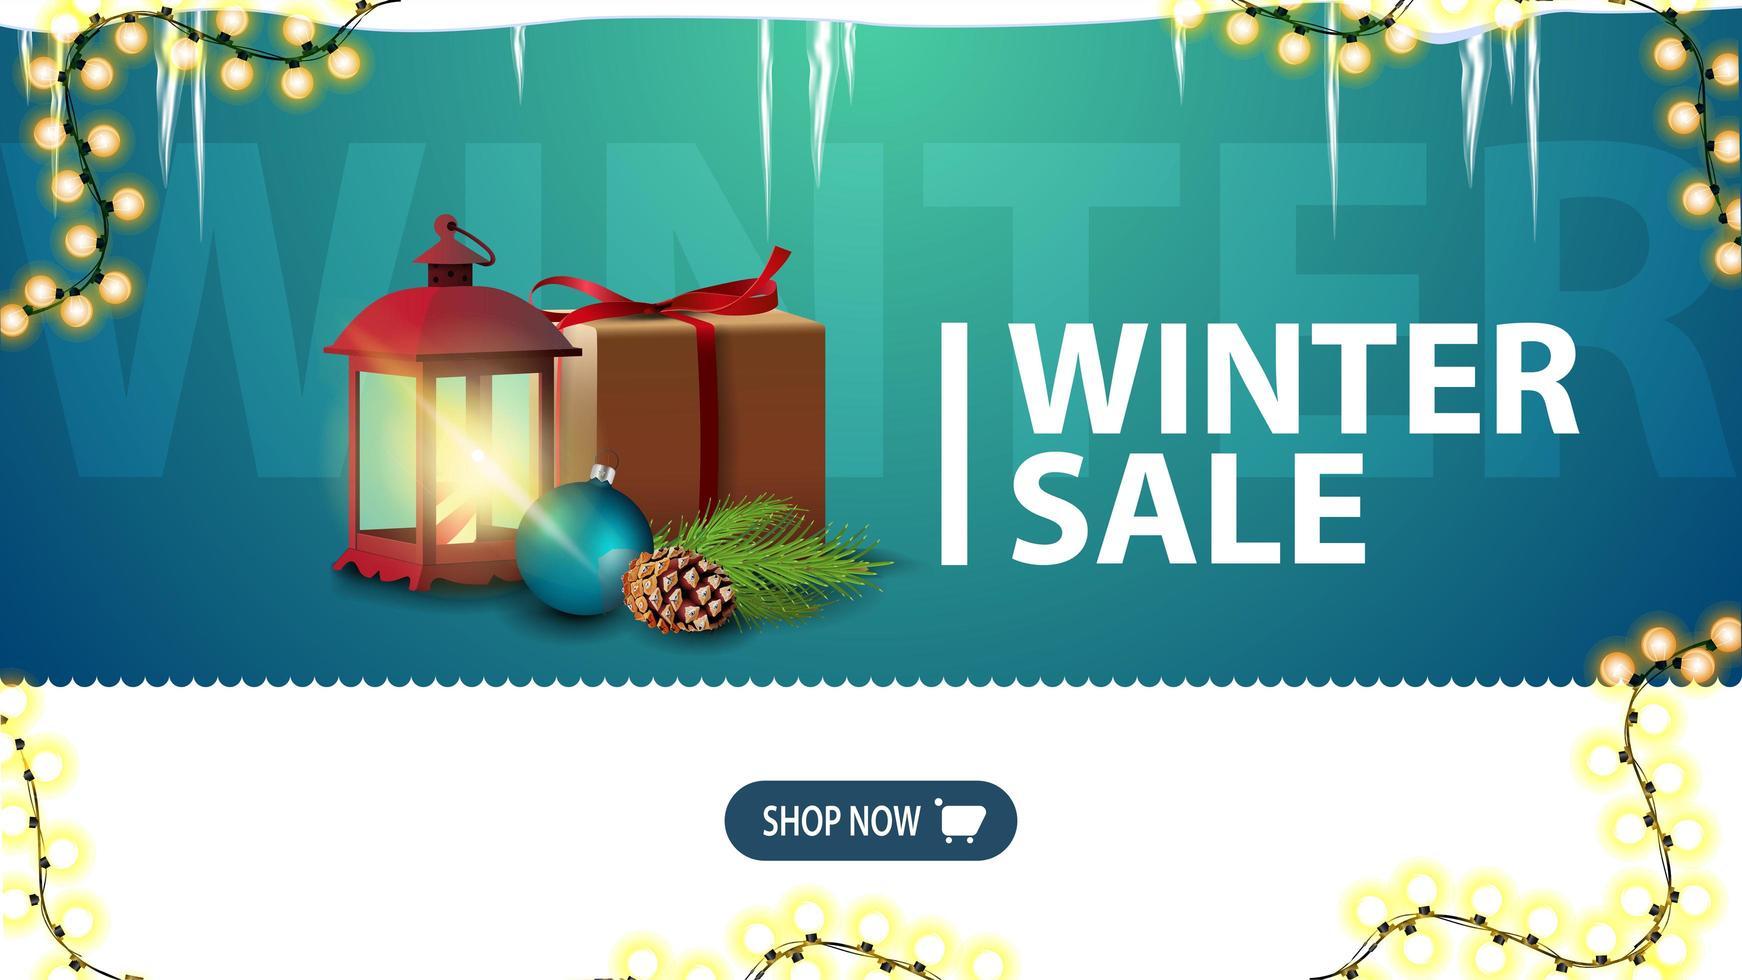 Winterschlussverkauf, grünes Rabattbanner für Website vektor